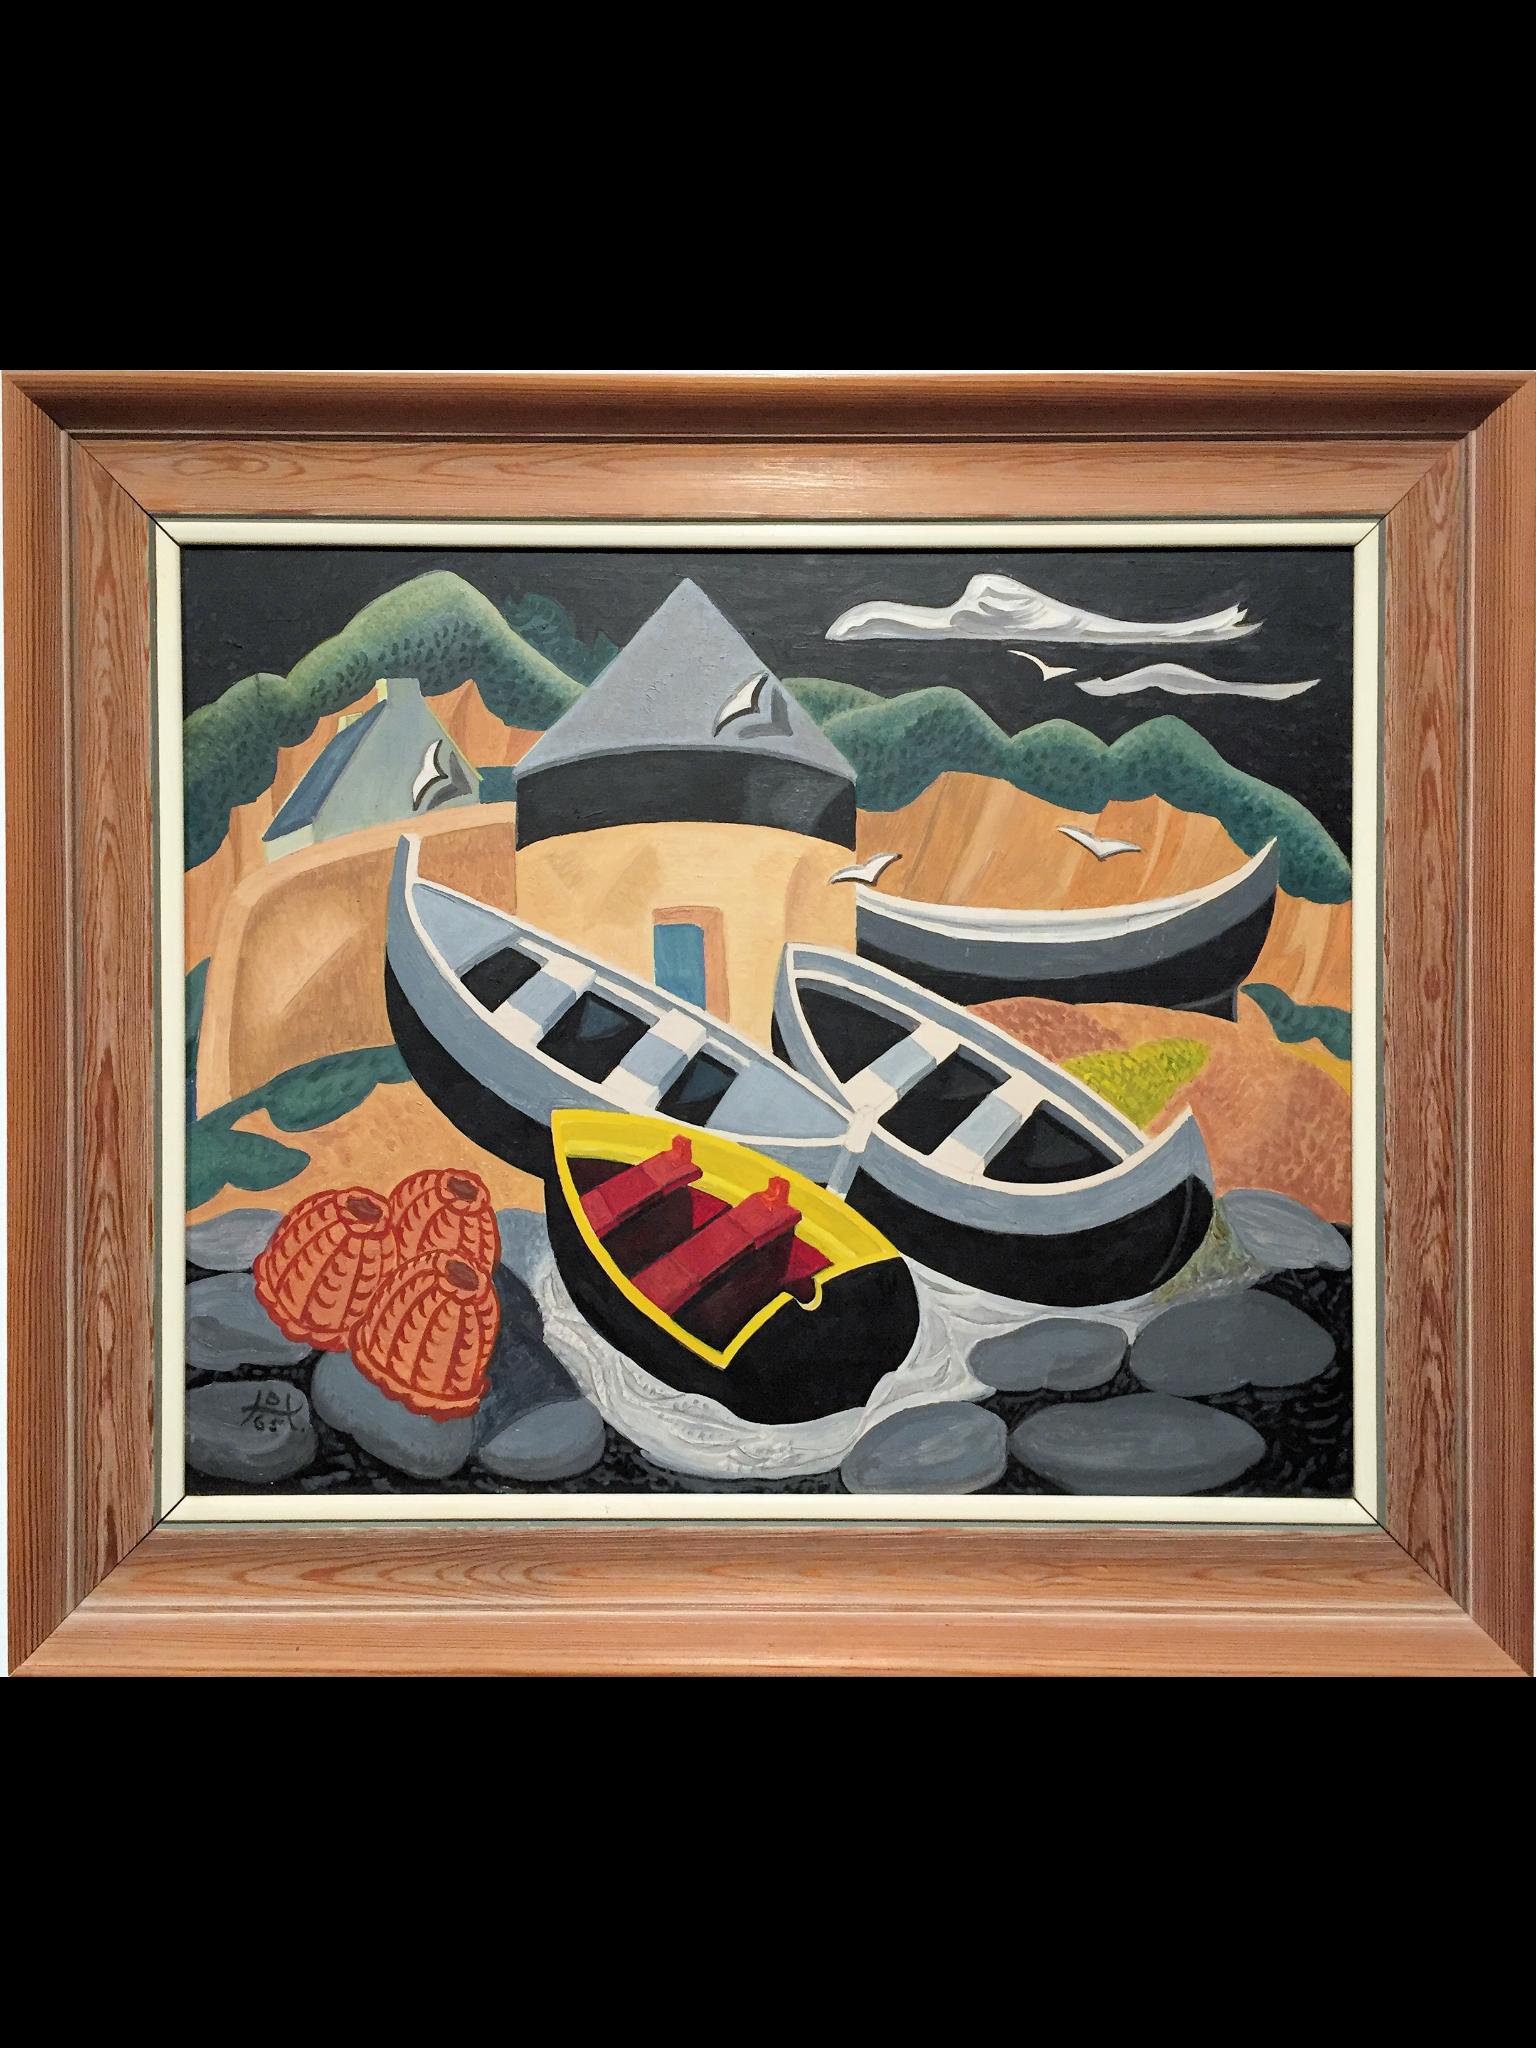 Boats at Sennen Cove by Doris Hatt